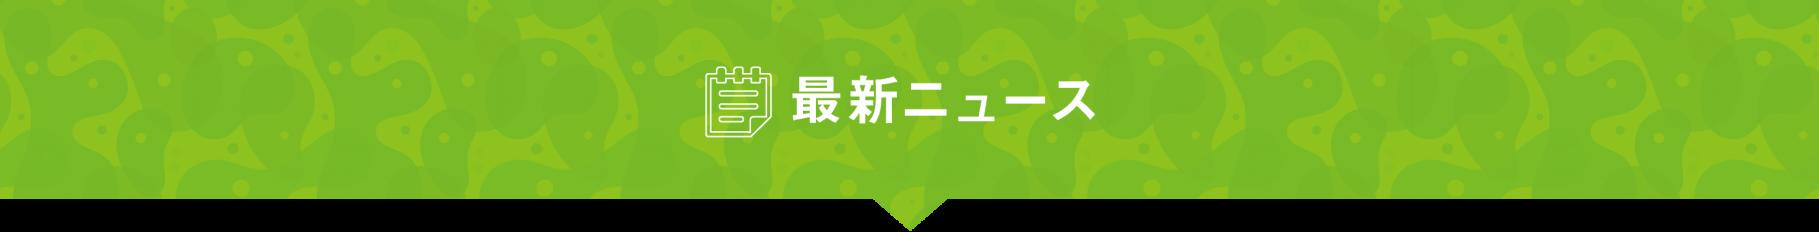 studylab_obi_06